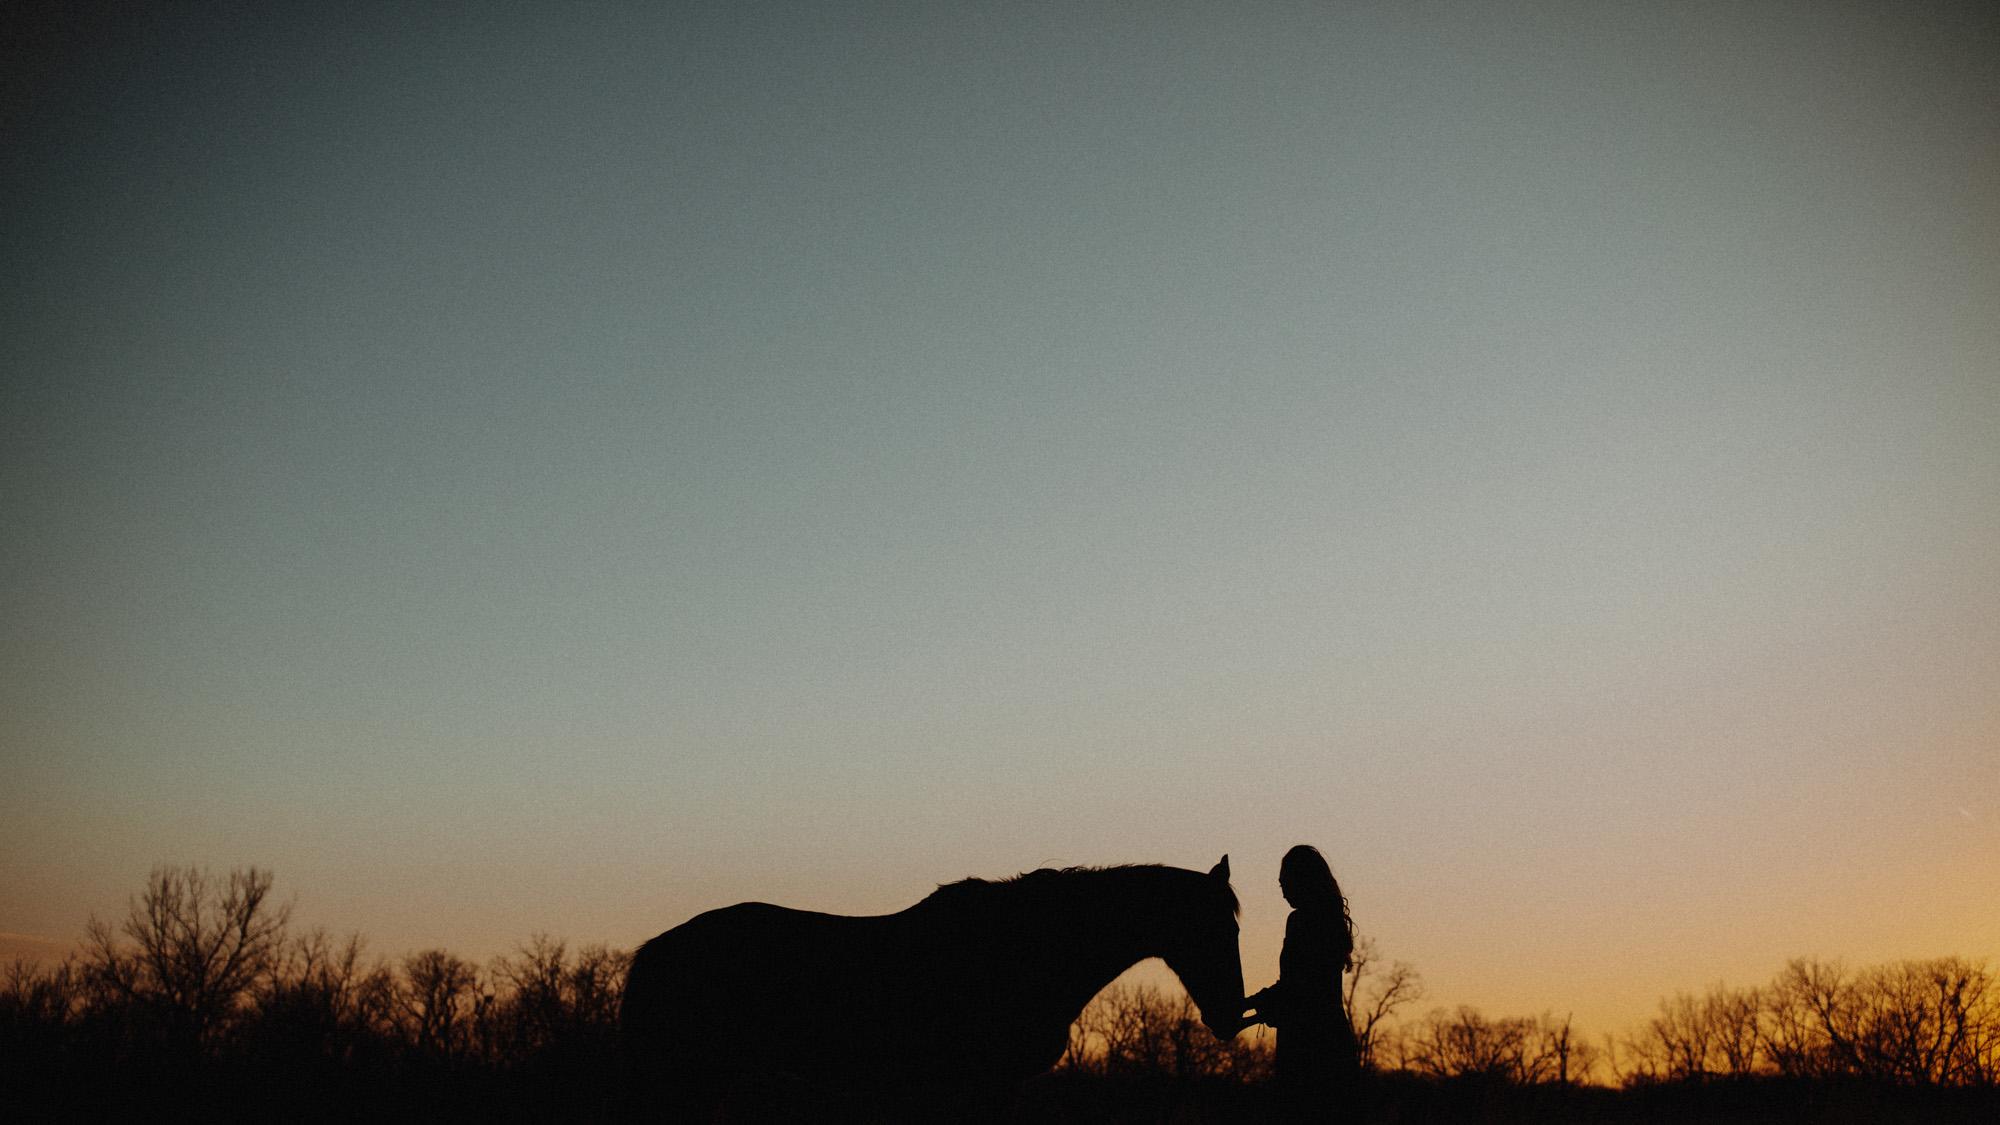 alec_vanderboom_horses_online-0035.jpg